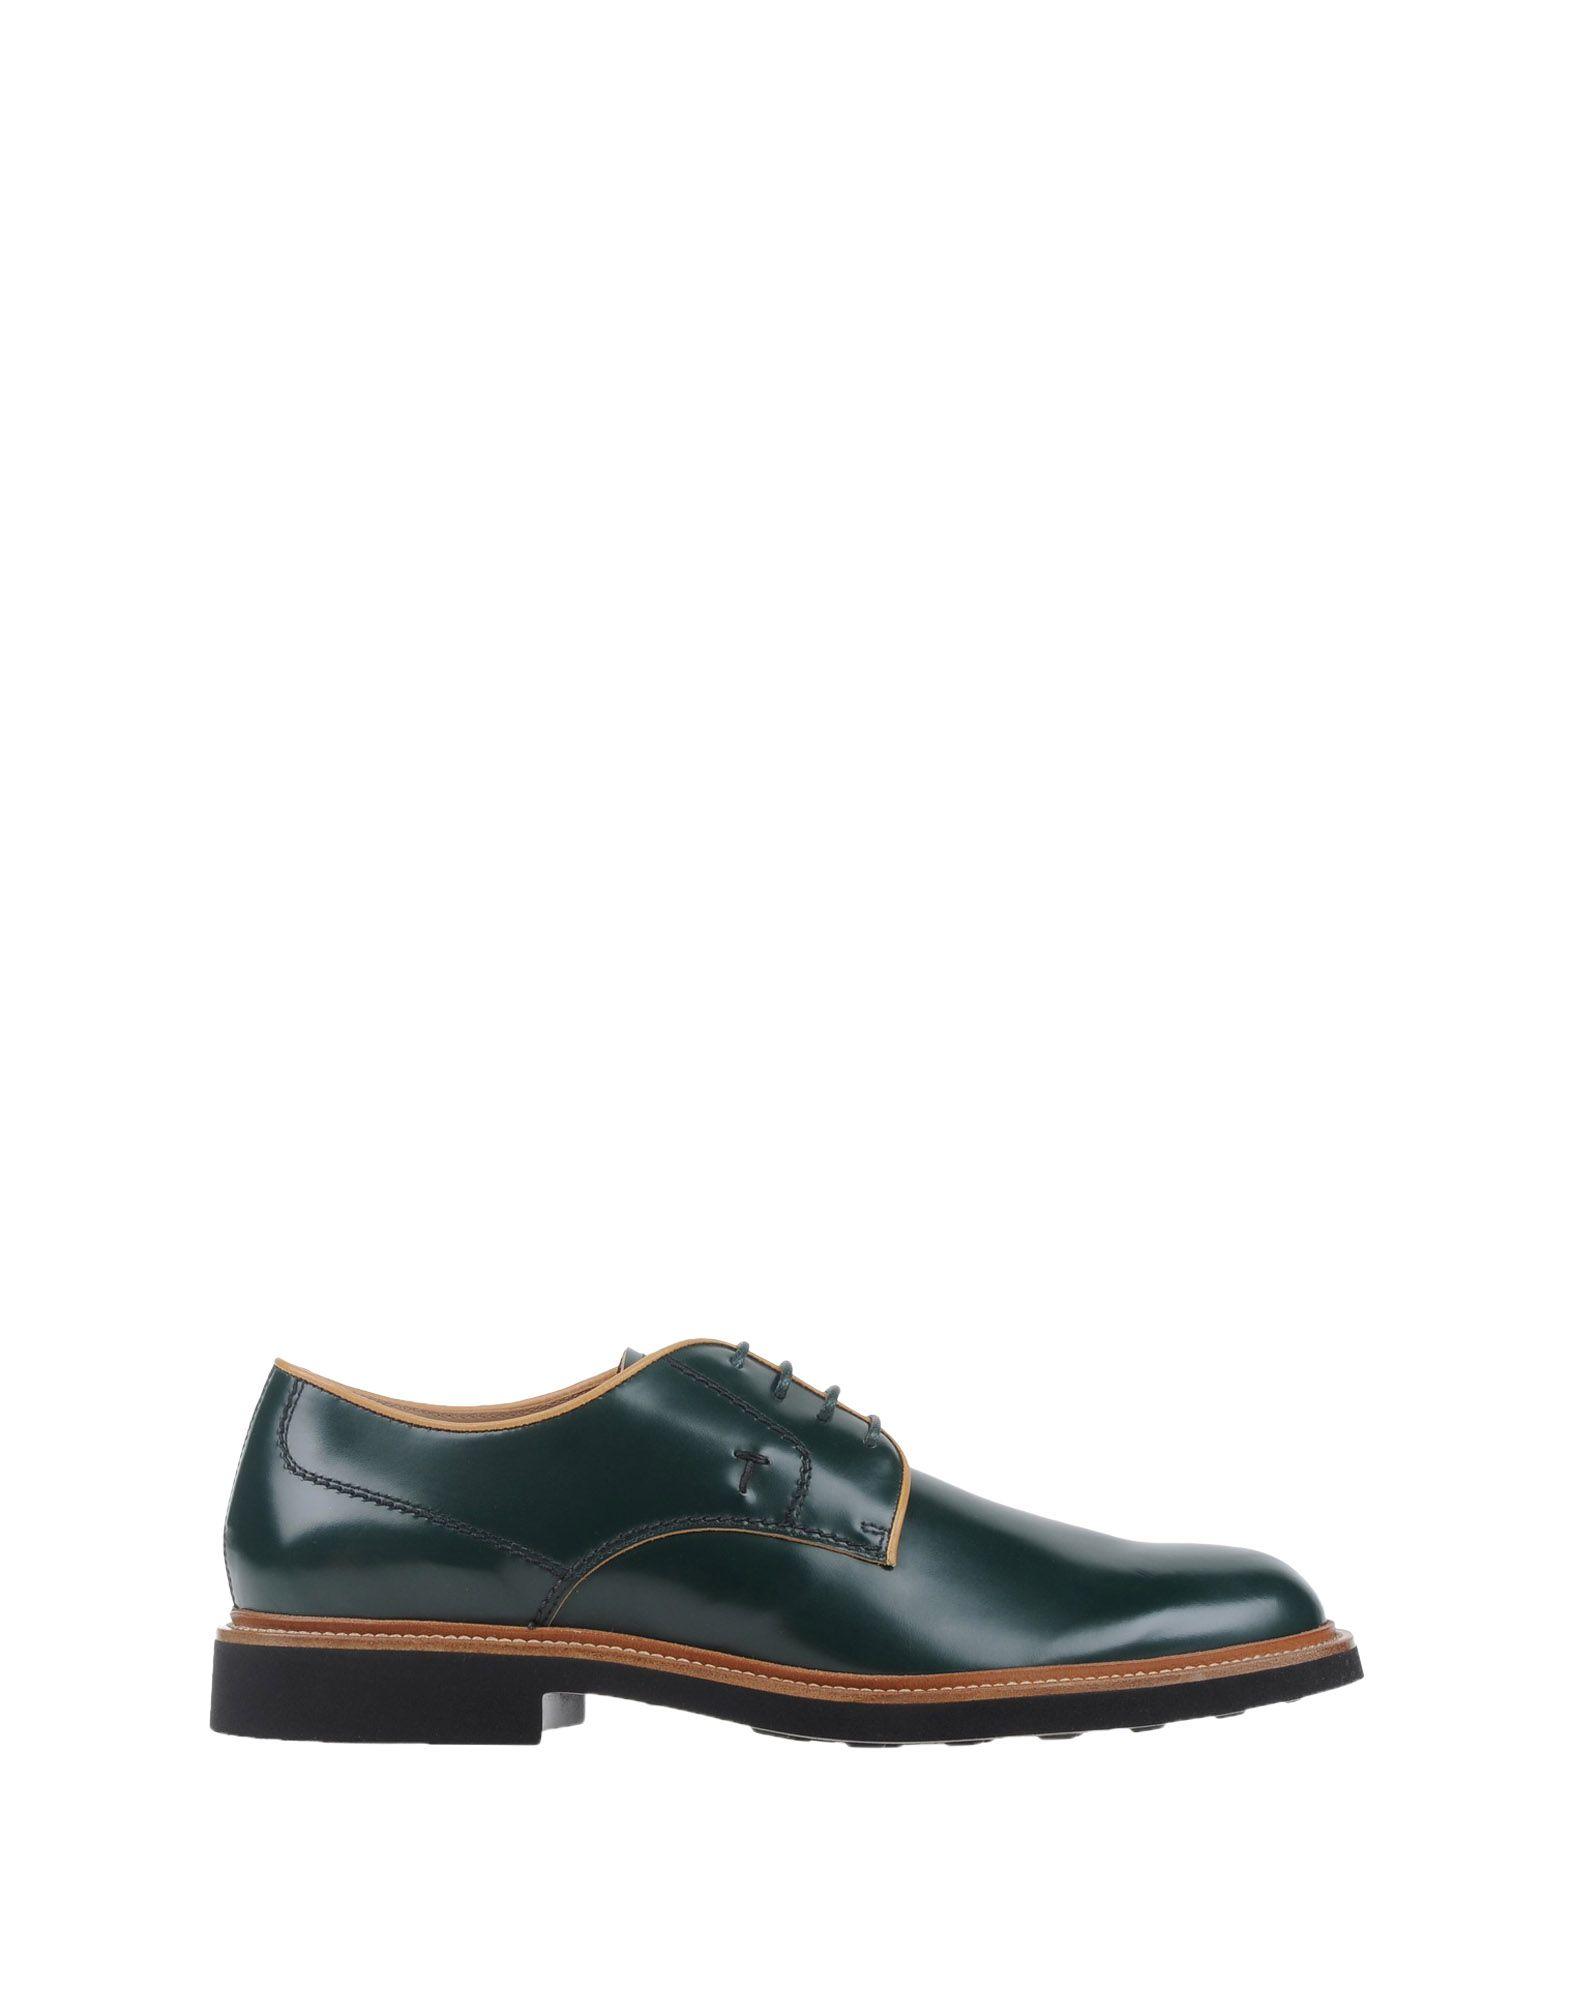 Tod's 11061997JM Schnürschuhe Herren  11061997JM Tod's Gute Qualität beliebte Schuhe a949ba